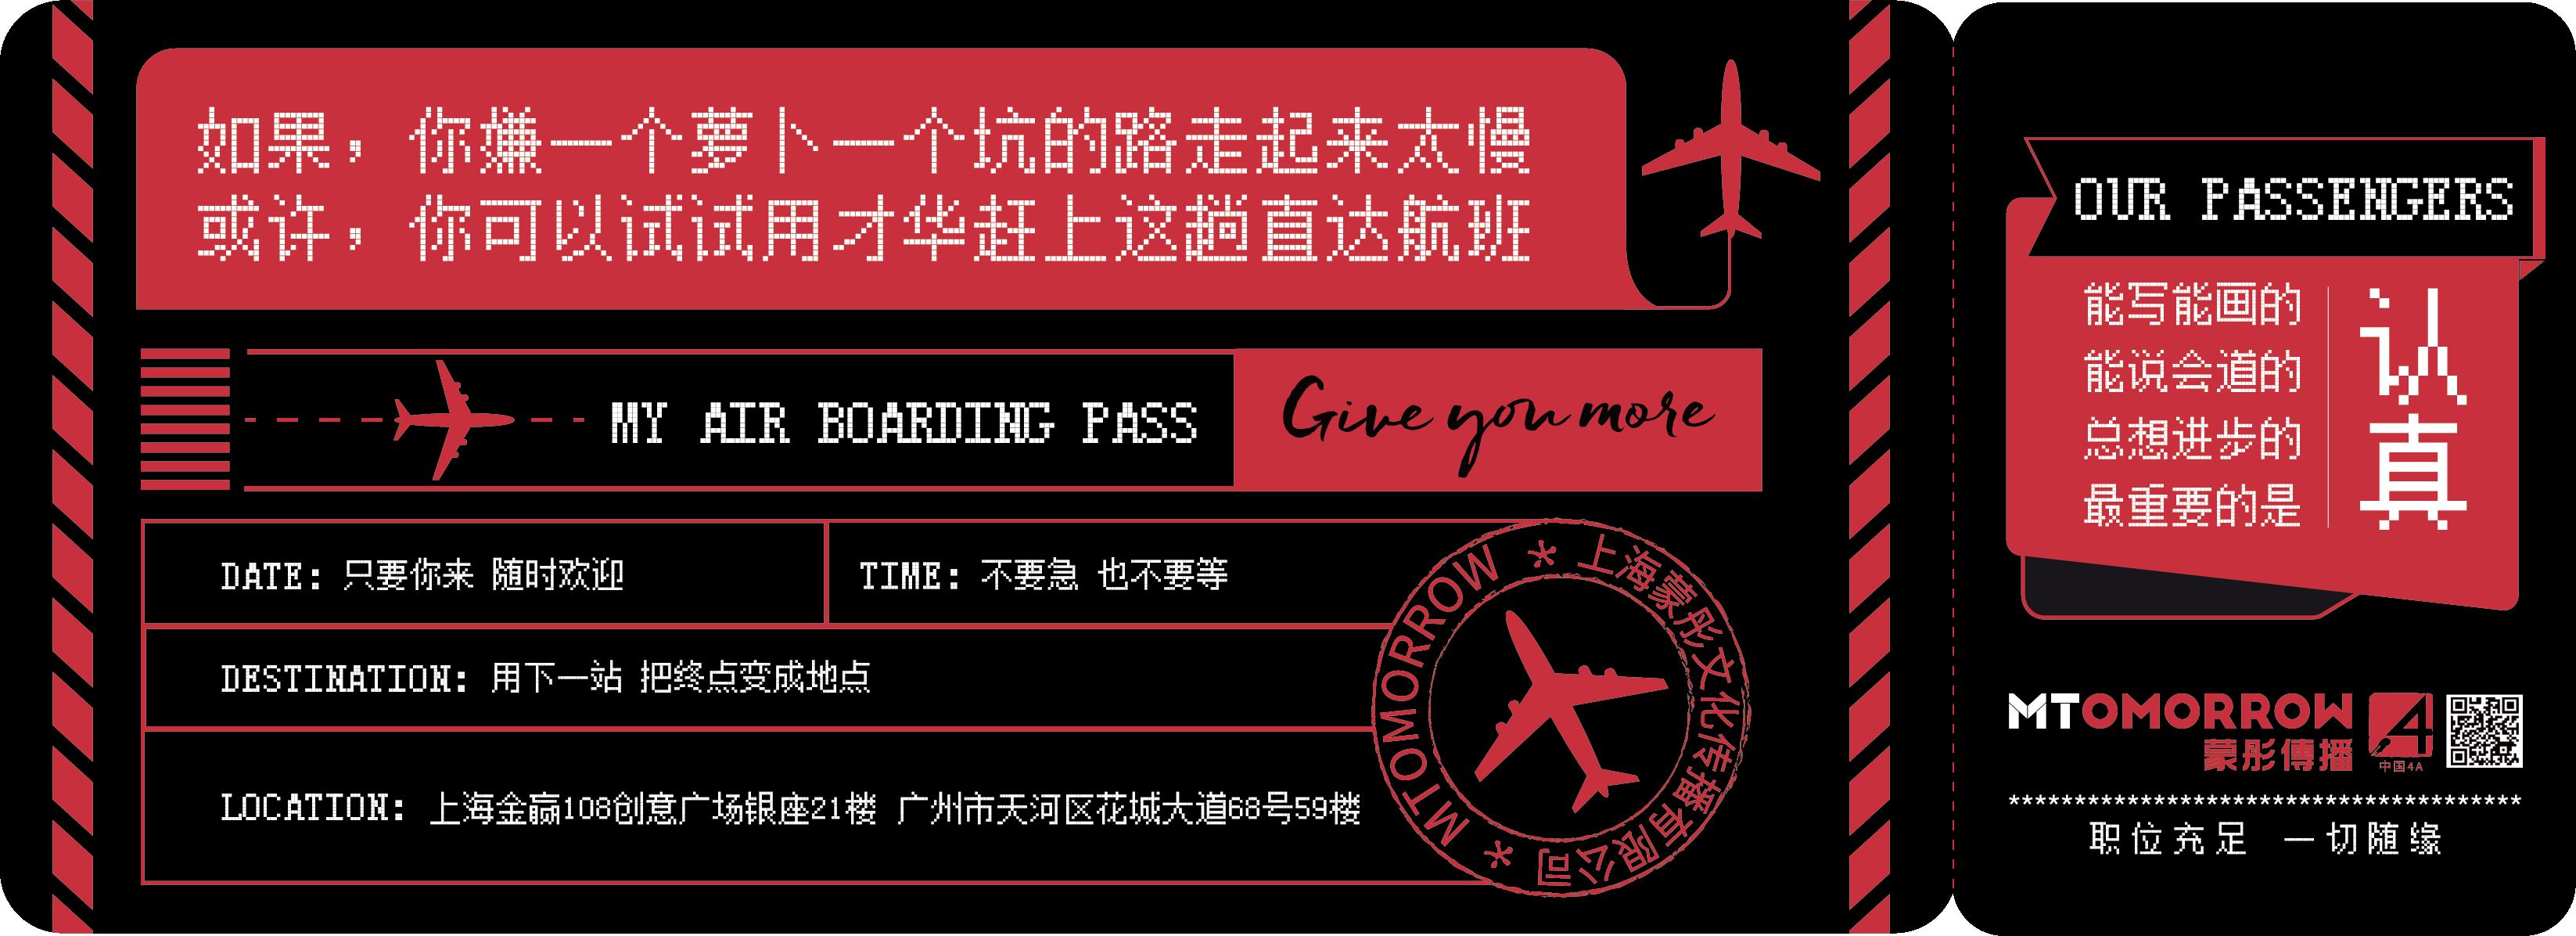 MT机票-FA-02.png